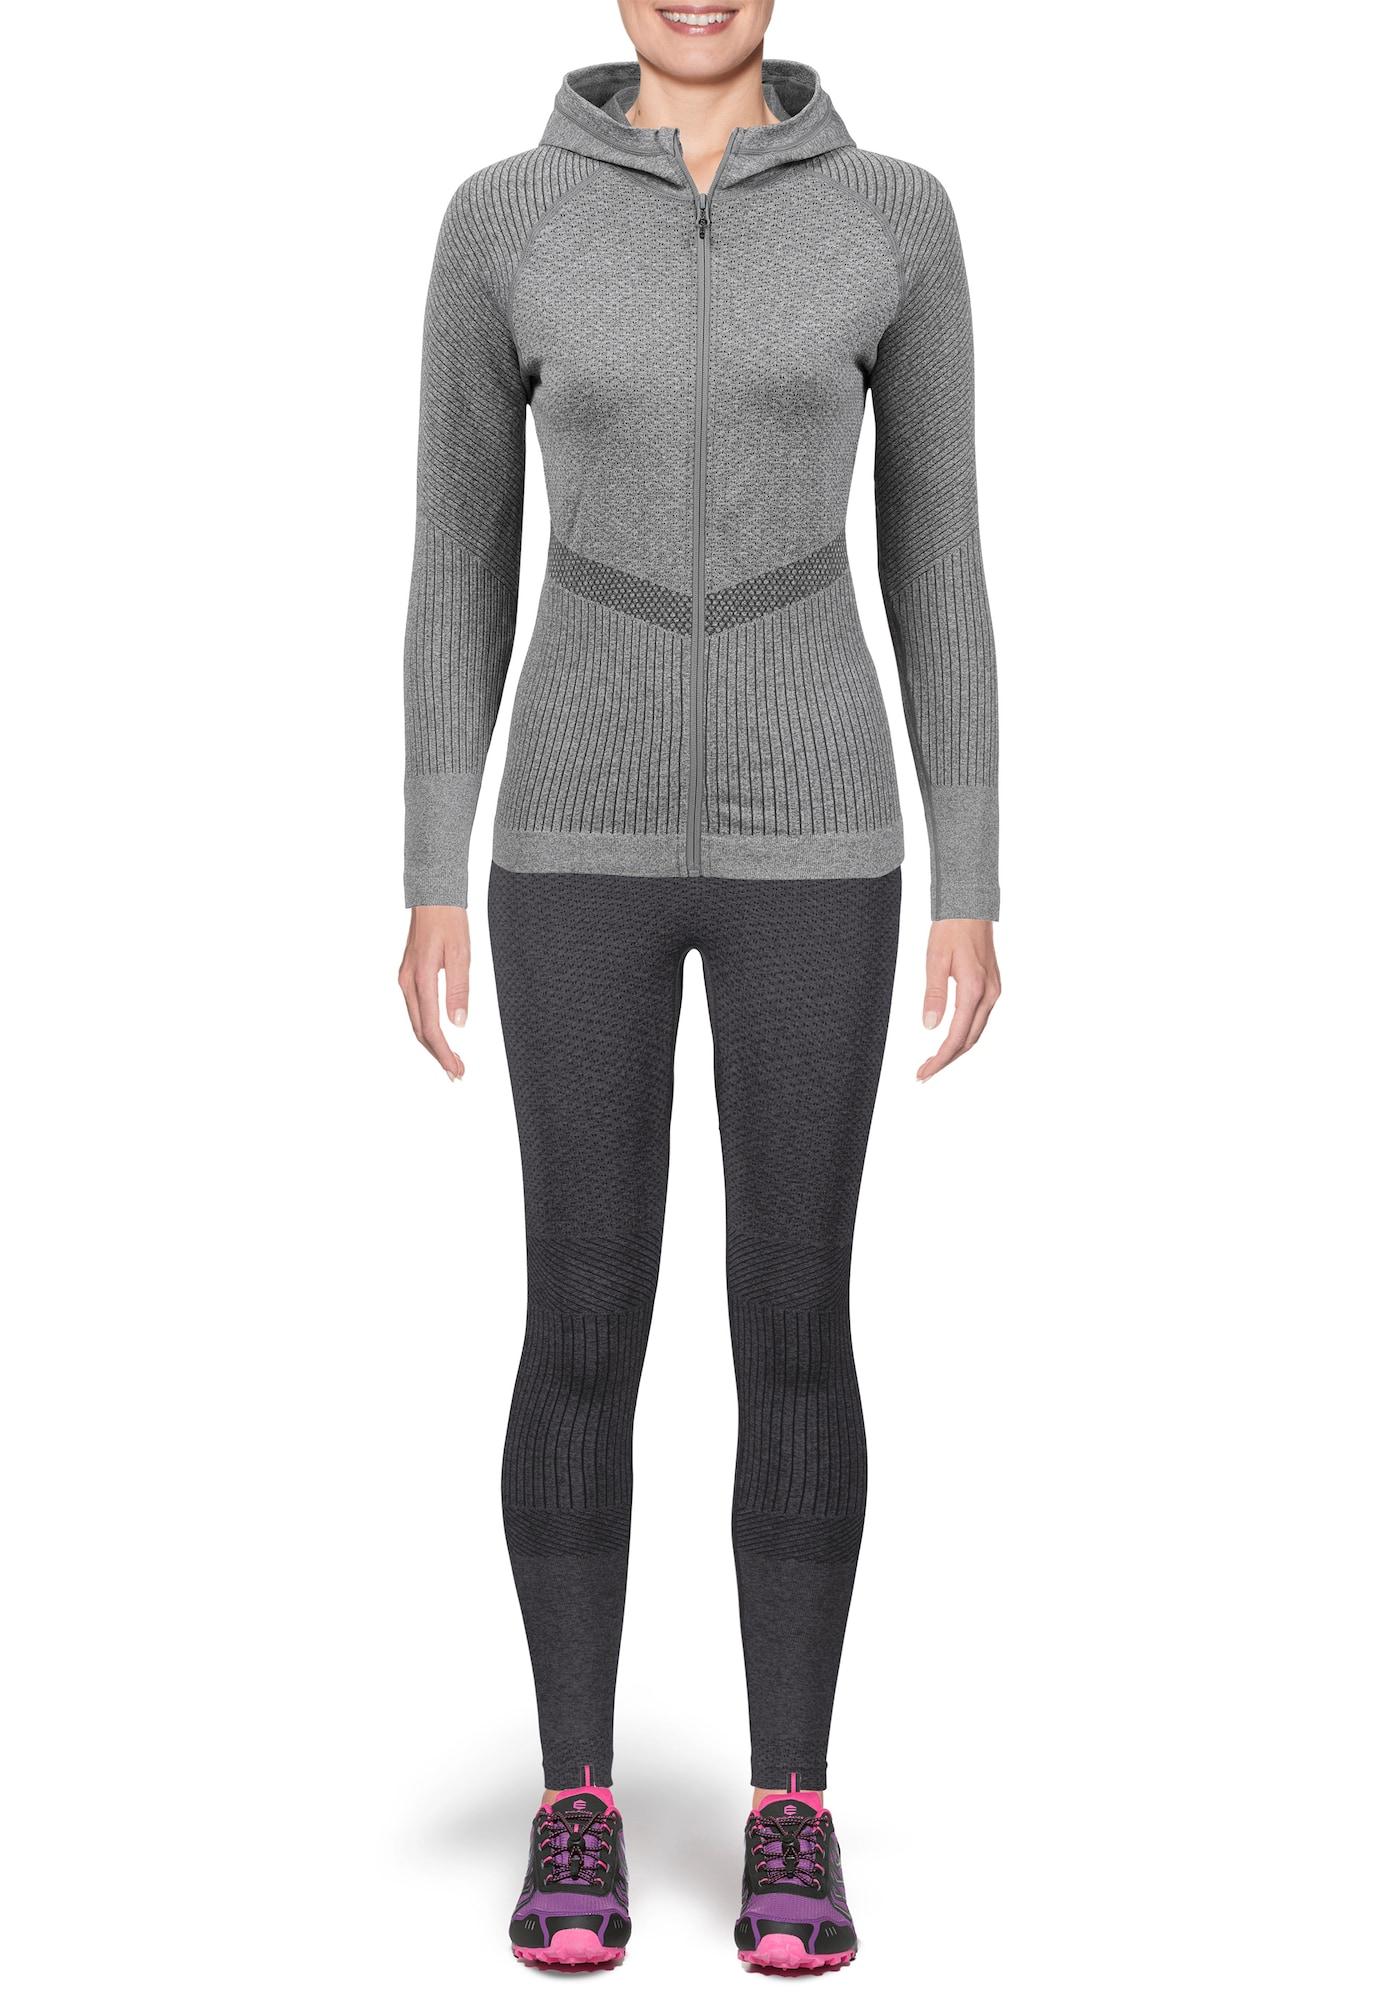 Tights 'ALYSA MELANGE'   Sportbekleidung > Sporthosen > Tights   Schwarz   ENDURANCE ATHLECIA